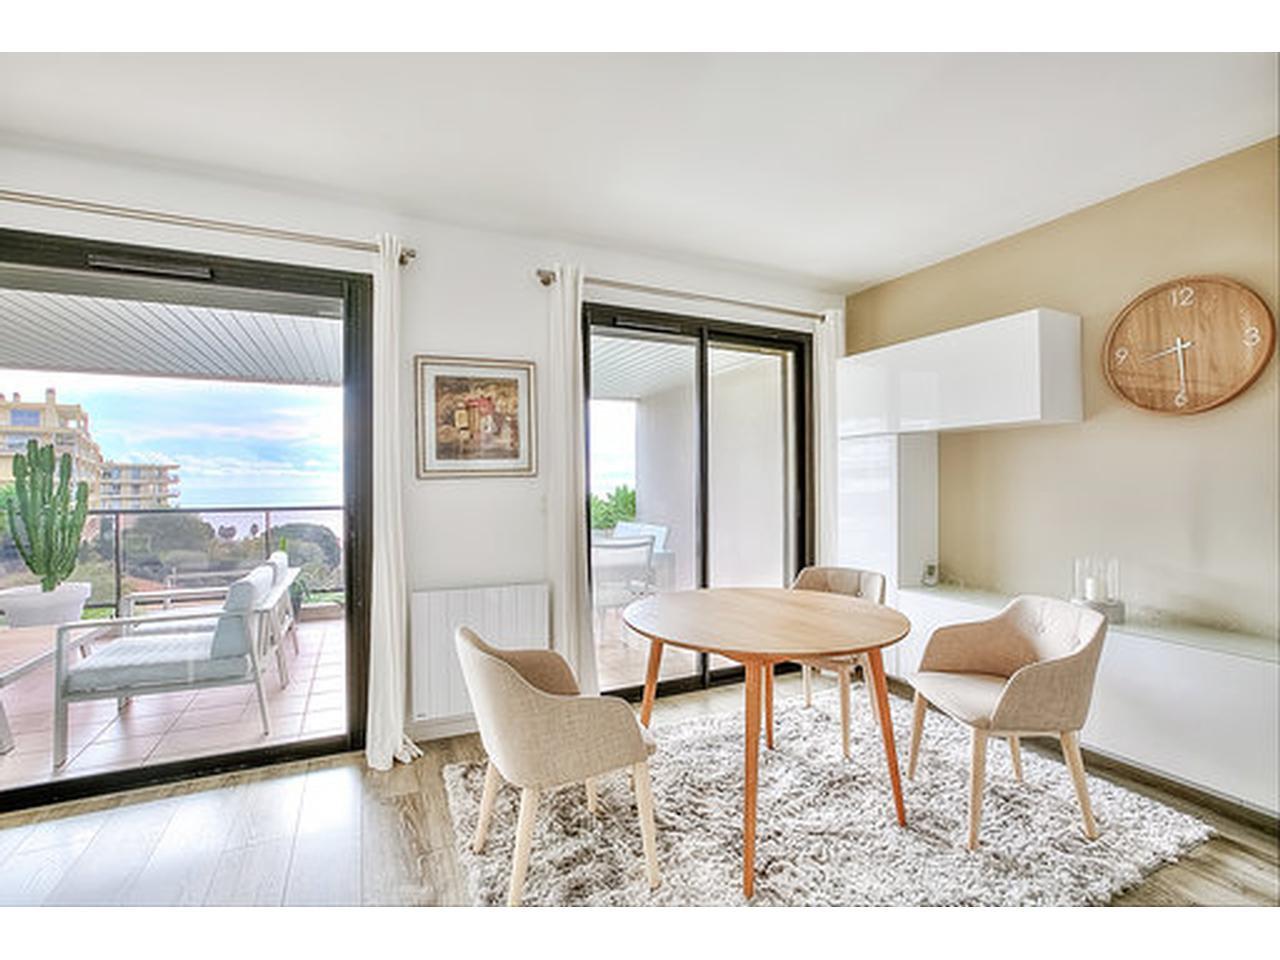 3 pièces à vendre ,Nice Corniche Bellevue, en vue mer.